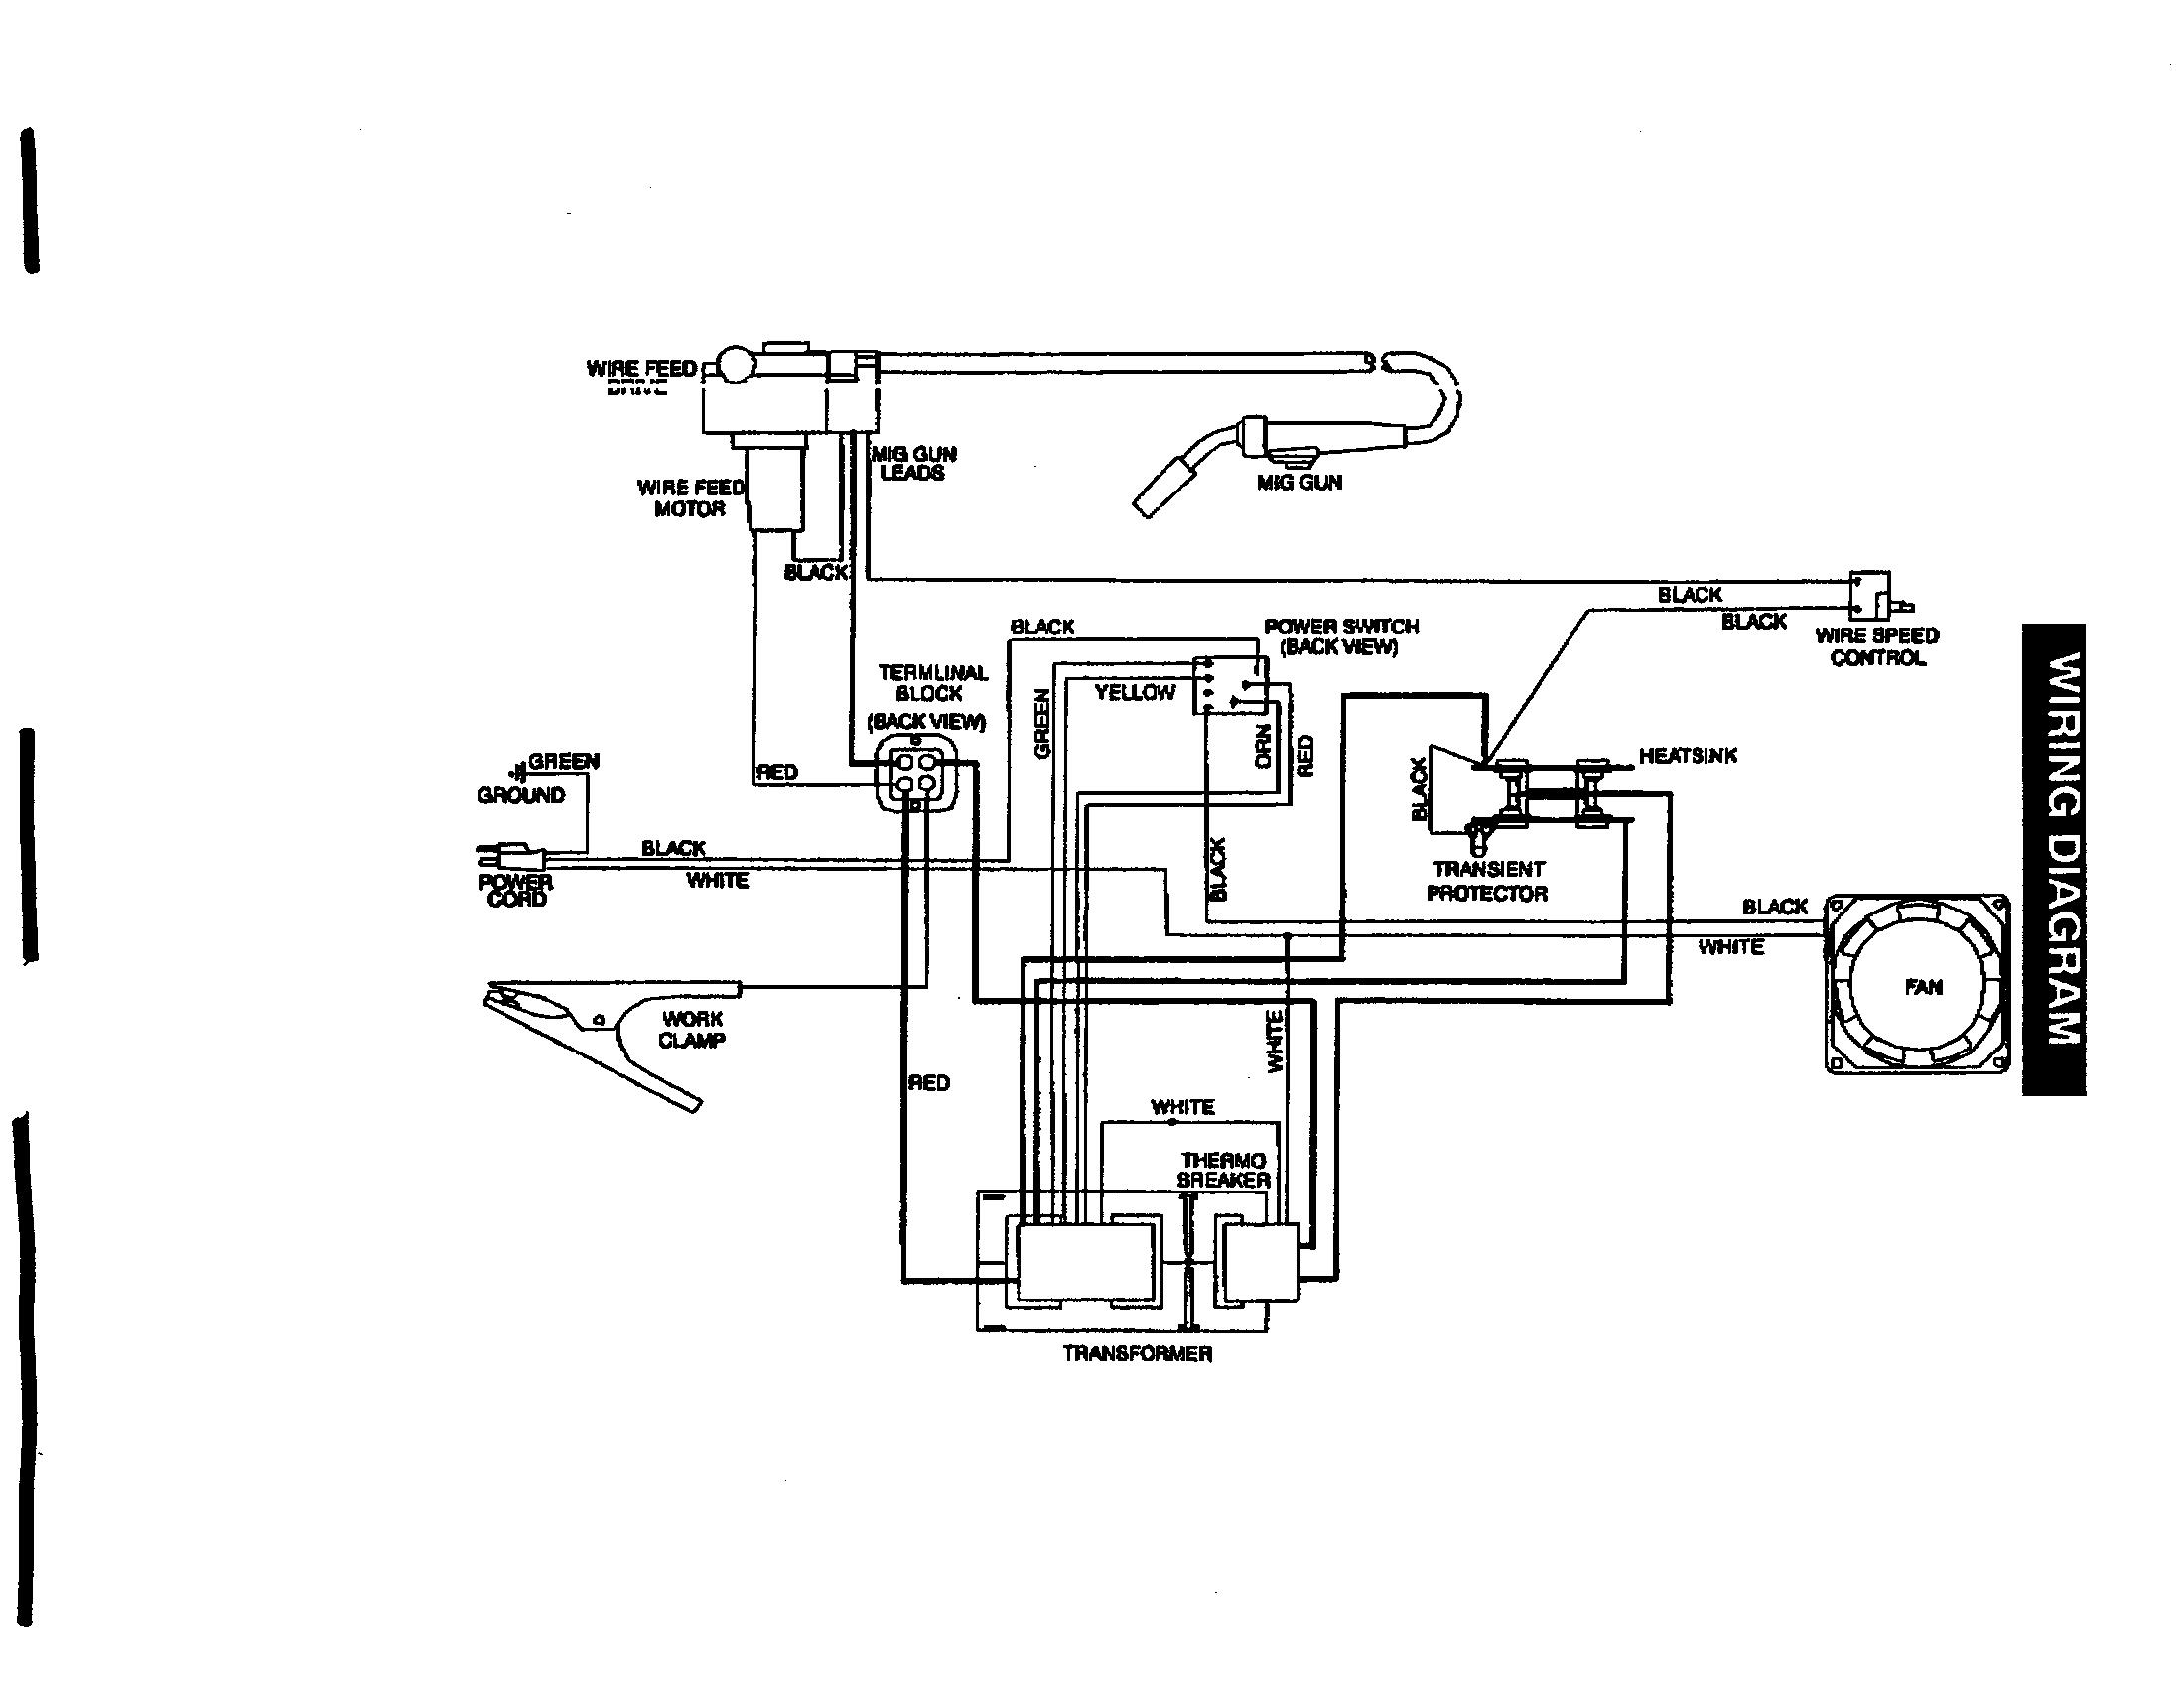 lincoln arc welder wiring diagram starfish dissection mig schematic somurich